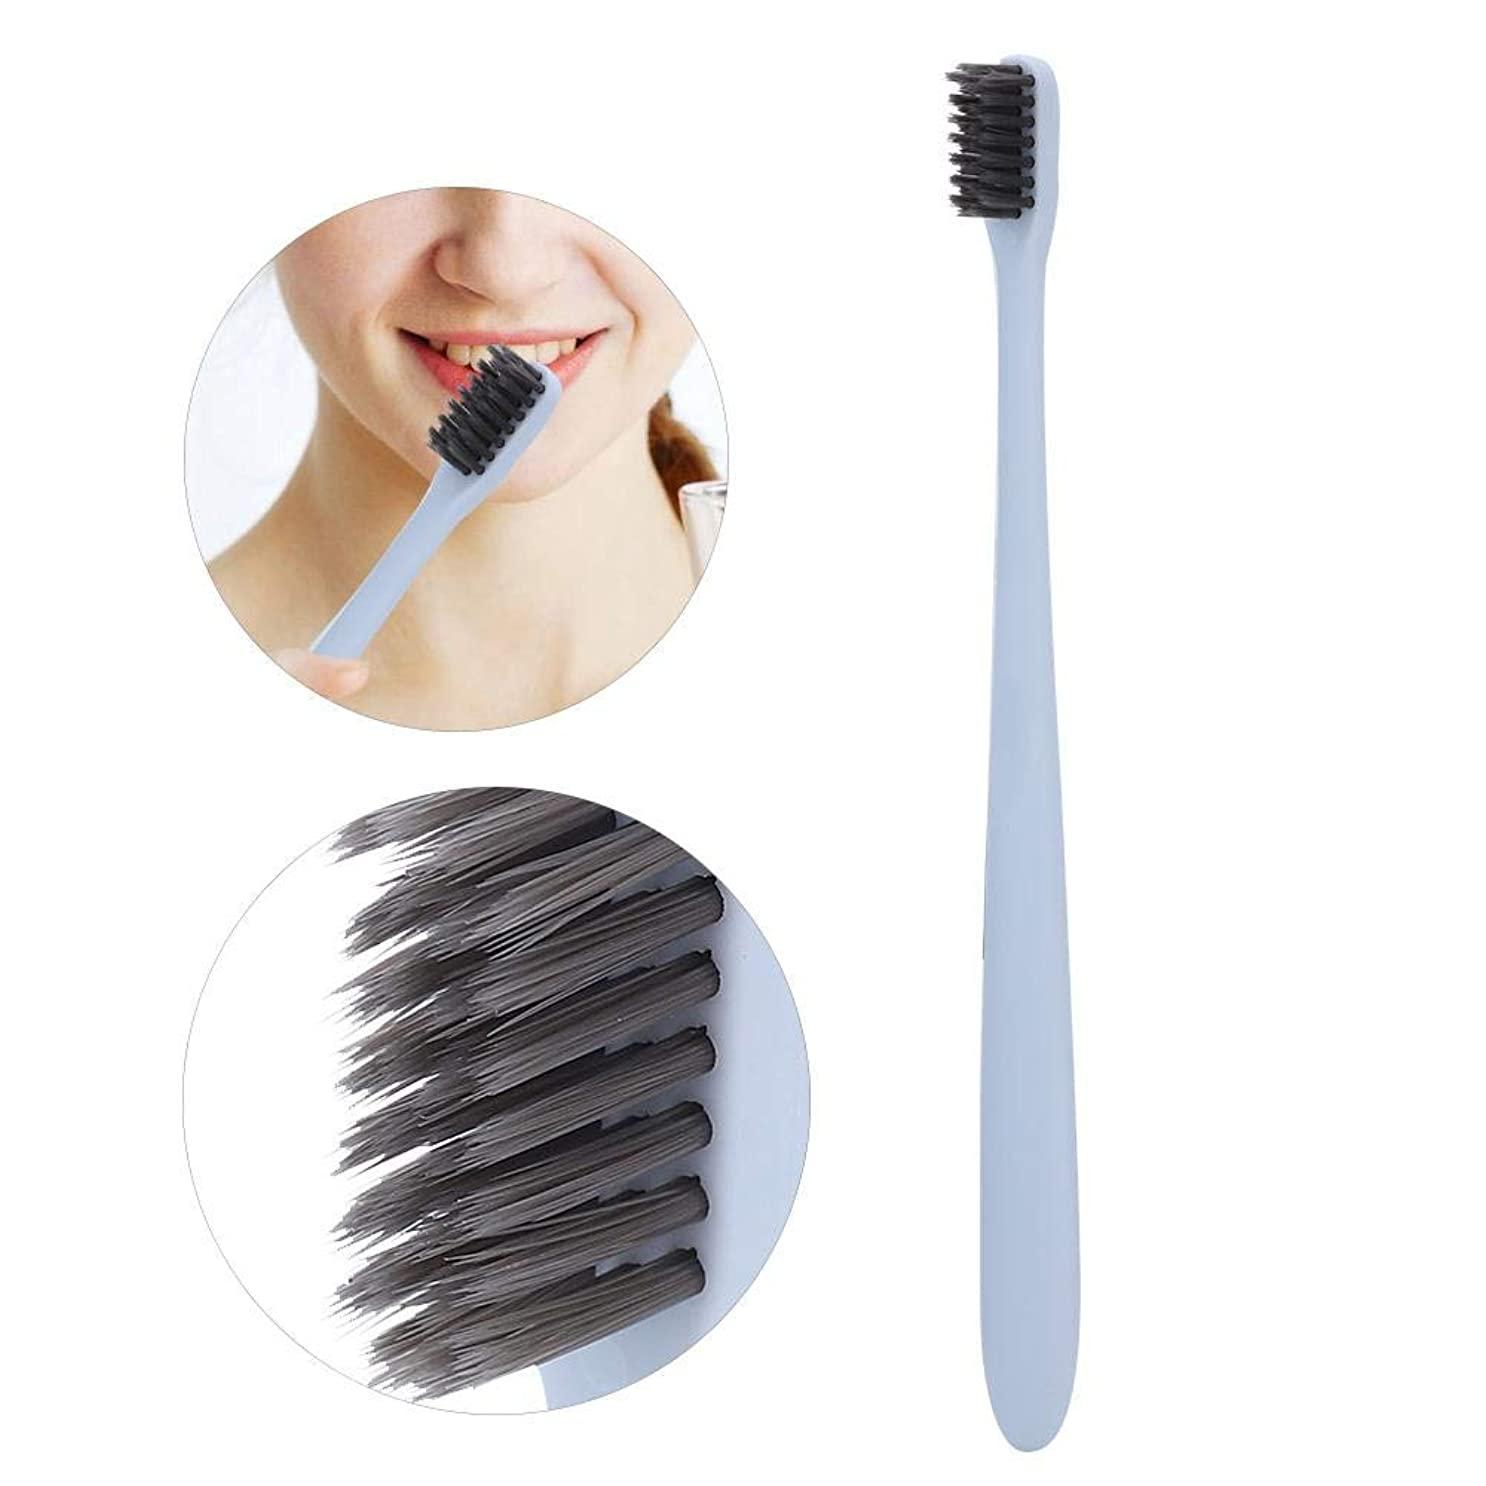 ホット薬意図10ピース歯ブラシ、竹炭ソフトブラシ髪の歯ブラシ歯の歯磨きブラシ大人用